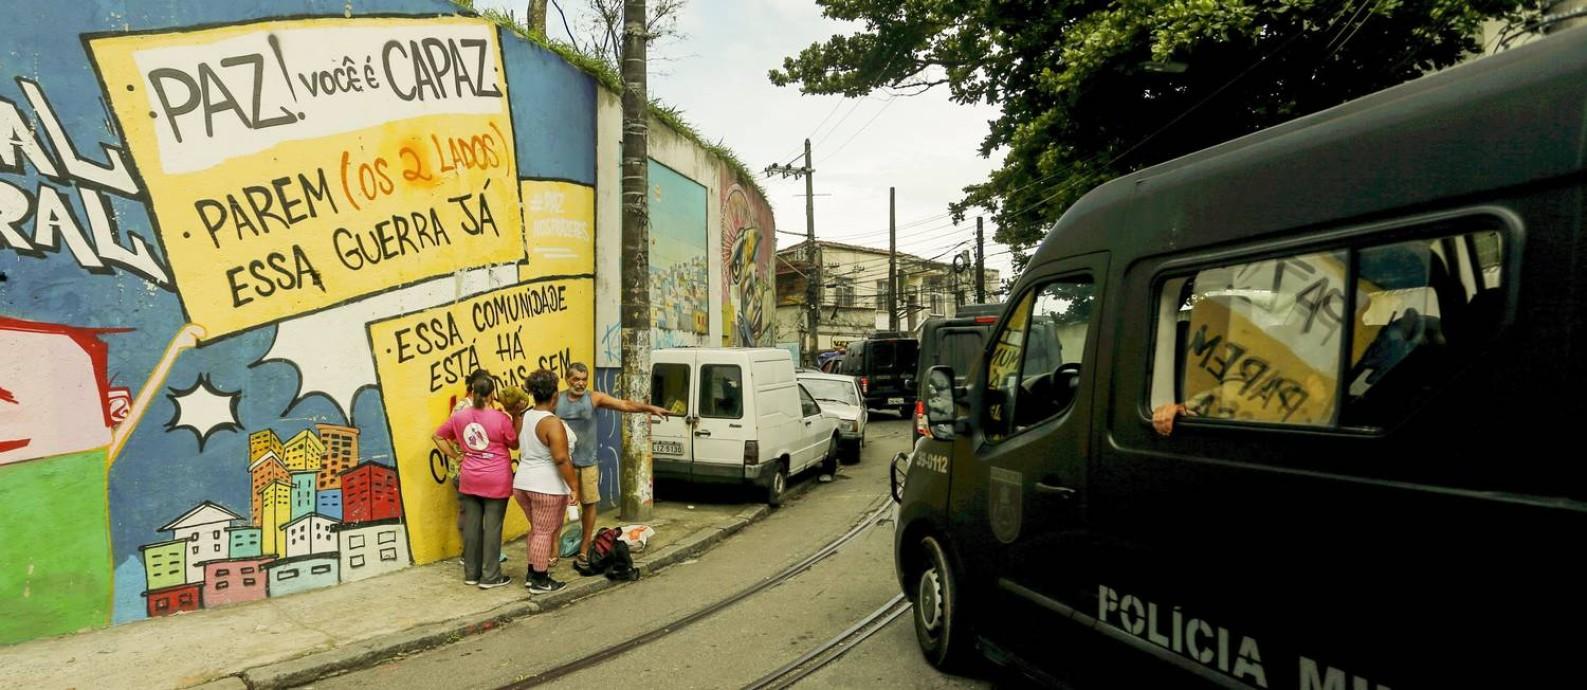 No principal acesso ao Morro dos Prazeres, em Santa Teresa, moradores pedem paz em mural Foto: Gabriel de Paiva / Agência O Globo